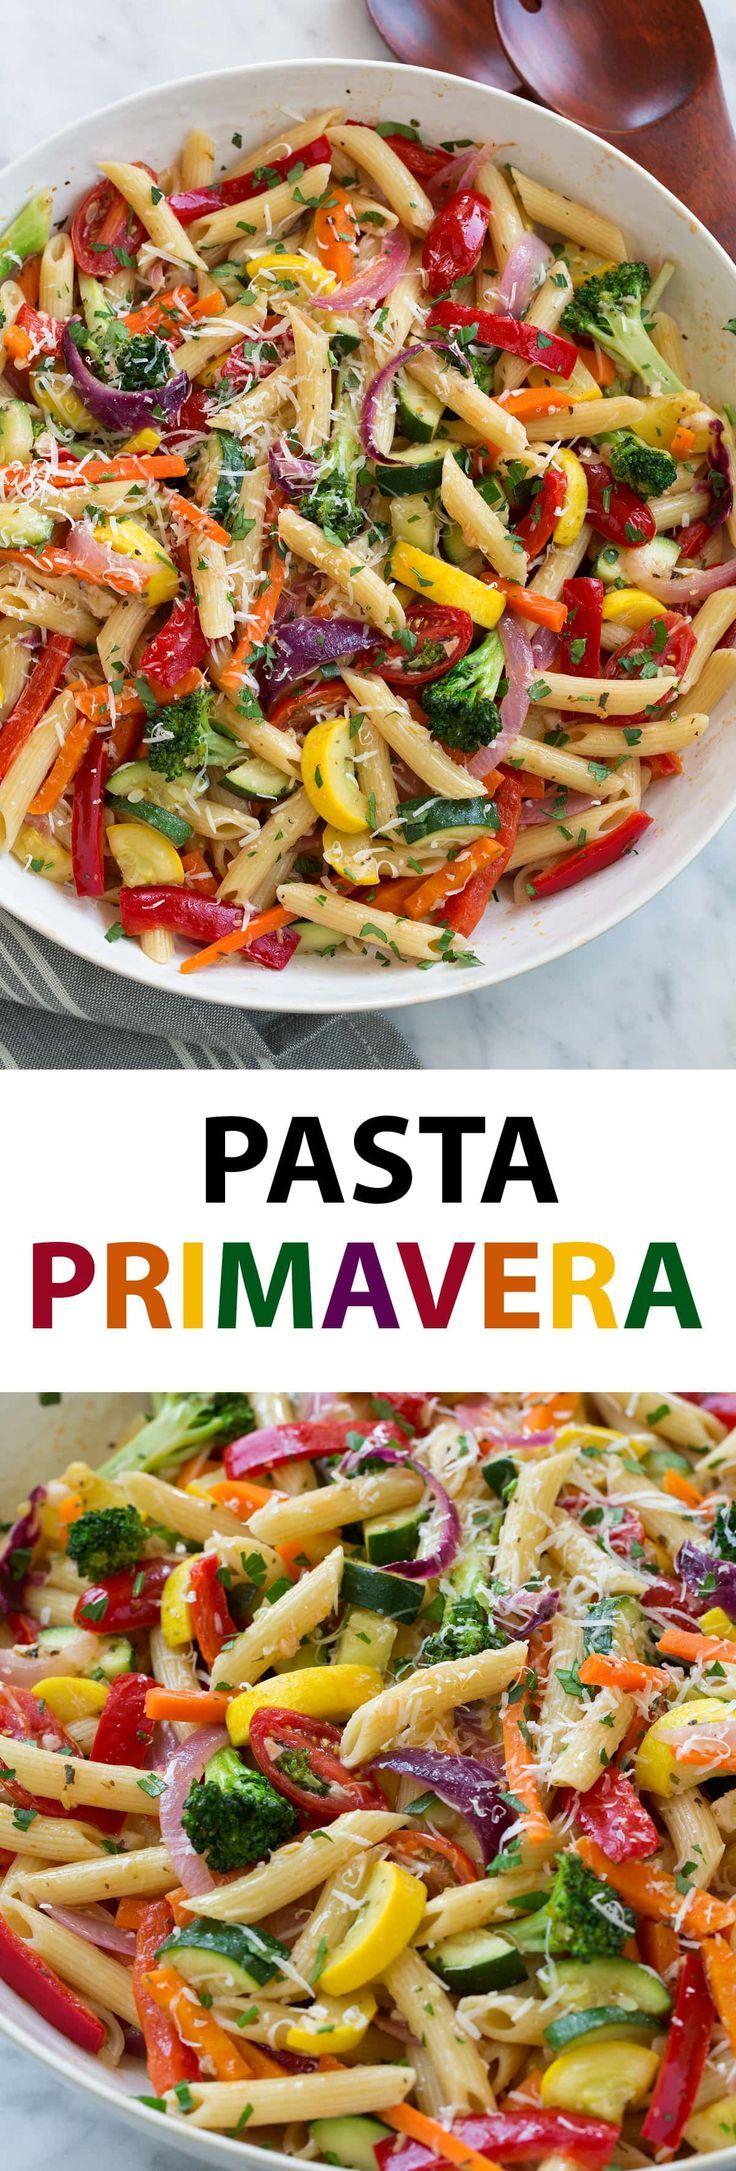 Pasta Primavera – Dies ist ein herzhaftes, vegetarisches Pastagericht, das perfe…